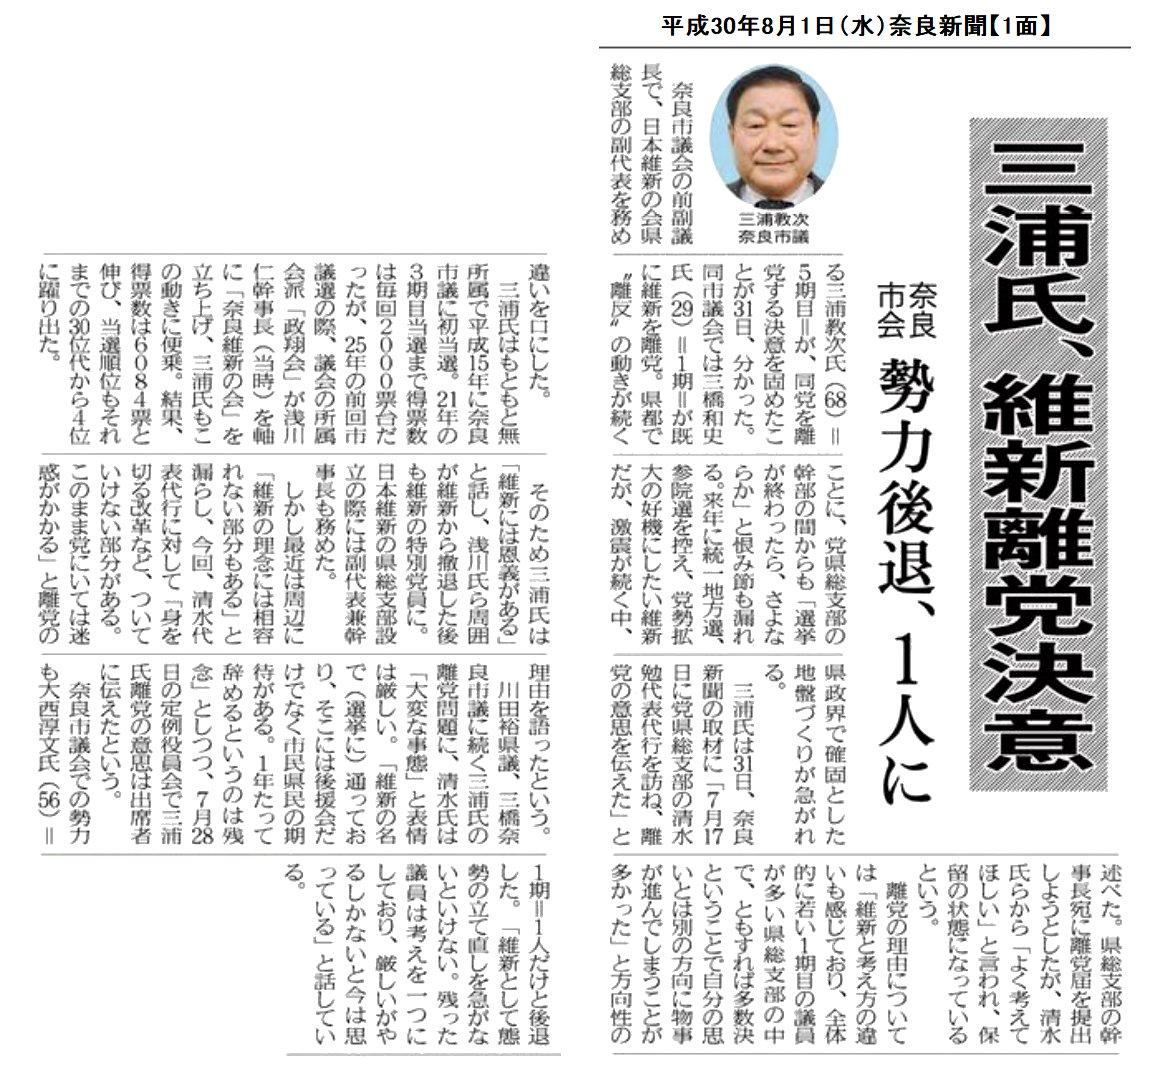 【#維新・奈良県総支部】三浦さんが離党を表明か。特に驚きはないが「市民のために働かない維新なら所属の意味が無い」との言葉が耳に残る。改革にも積極的で三橋君など伸び伸びと行動させ、活躍にいつも目を細めていた印象がある。現執行部への…